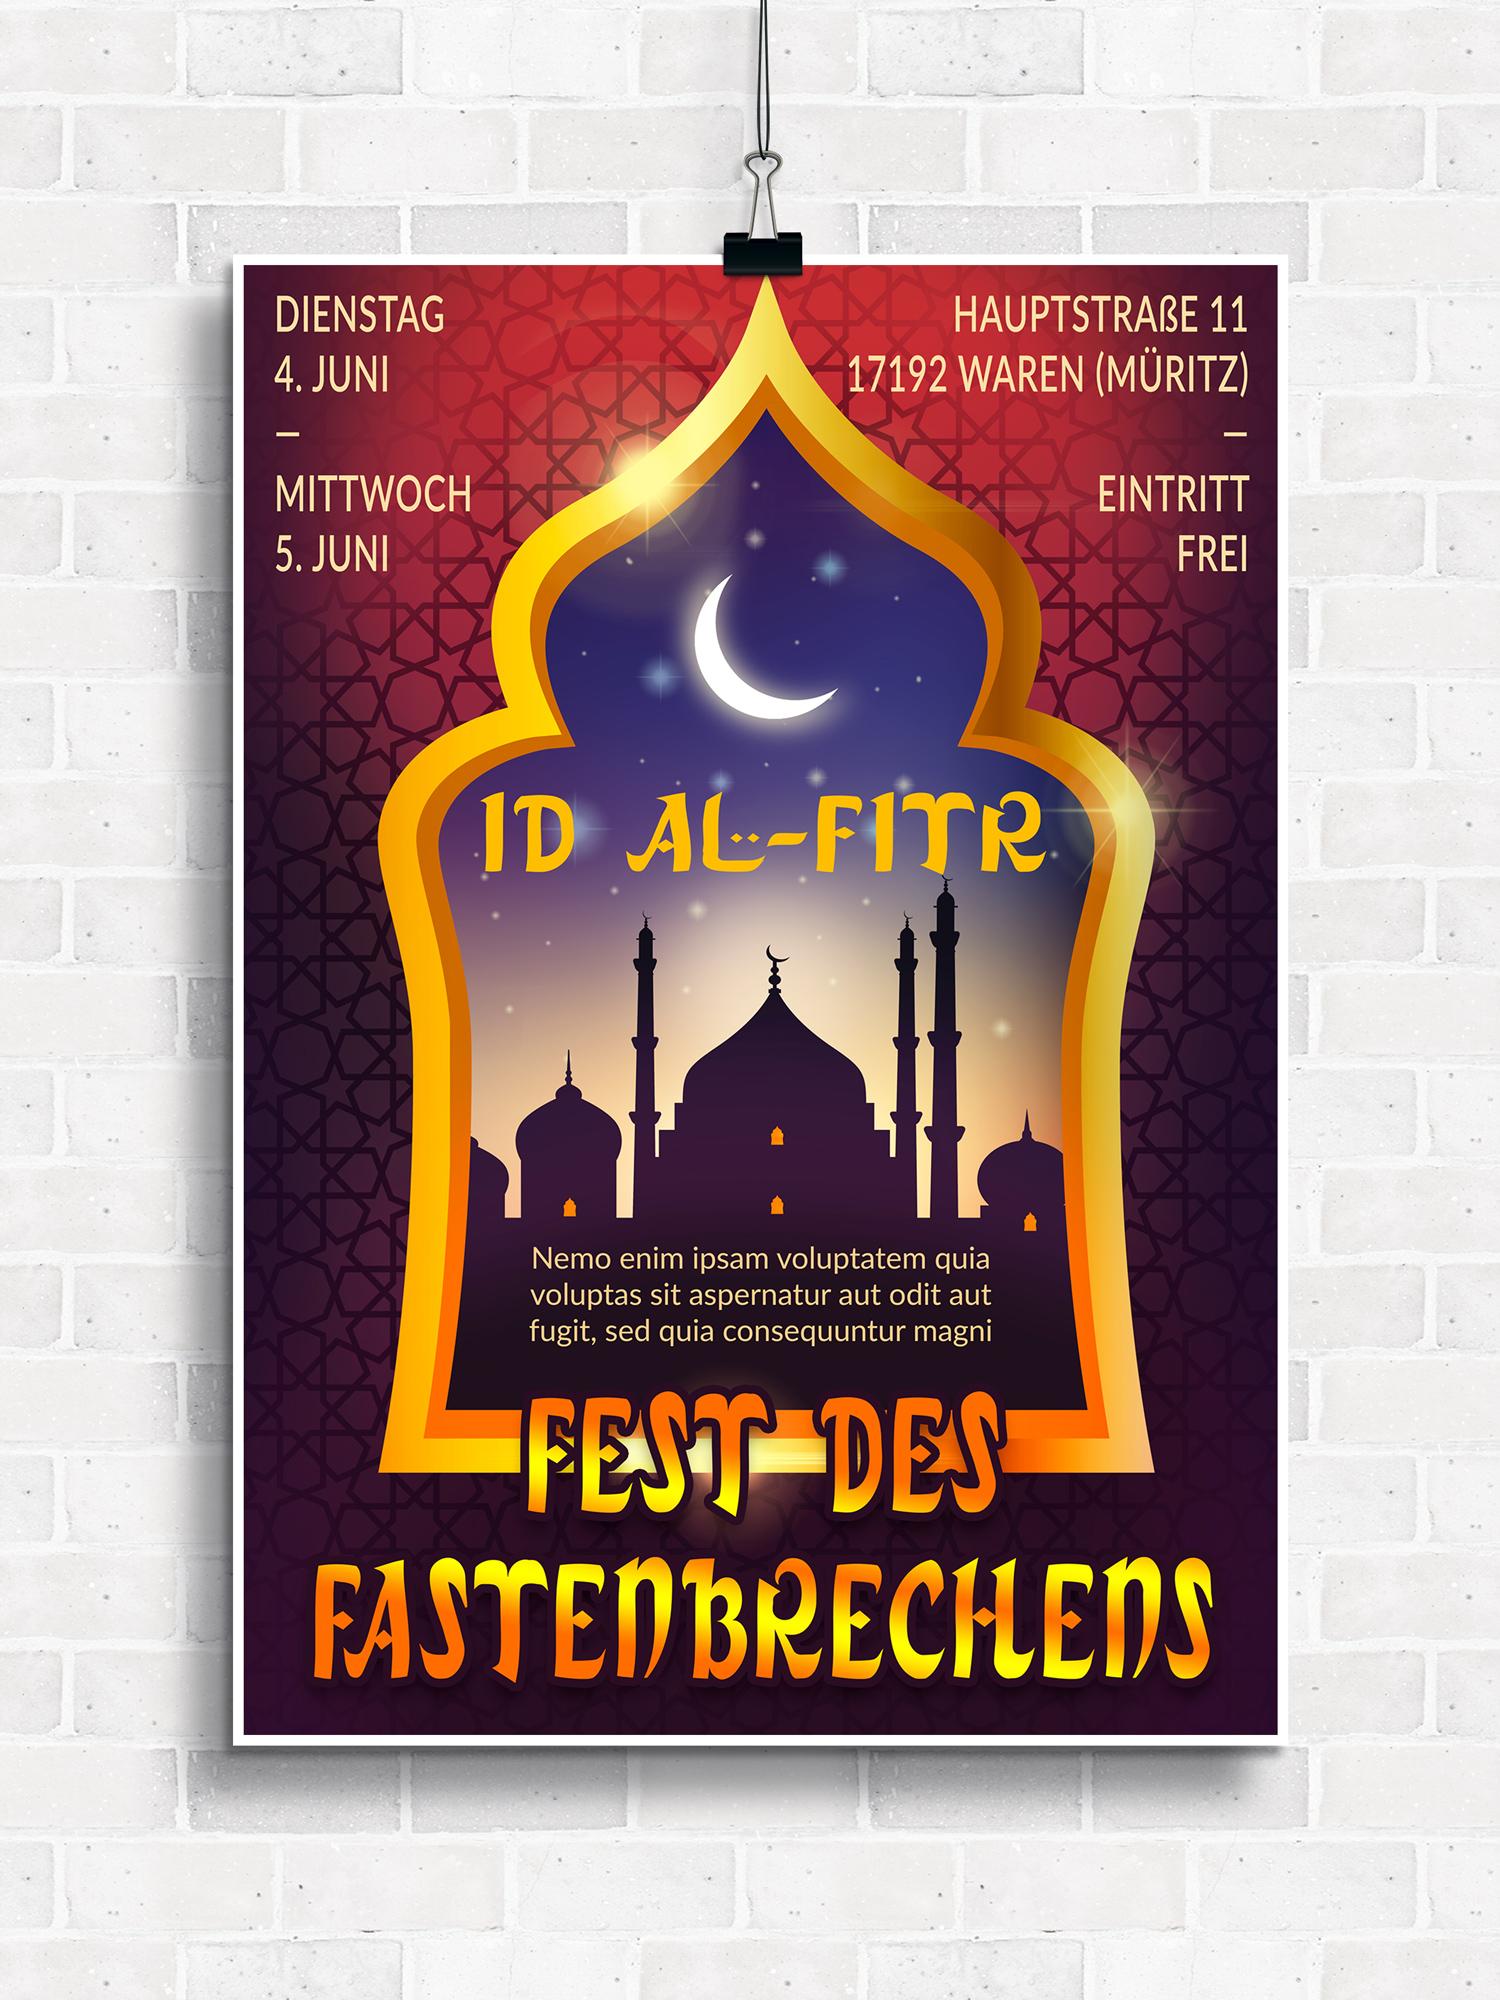 Vorlagen mit Islam-Bildern für Plakate